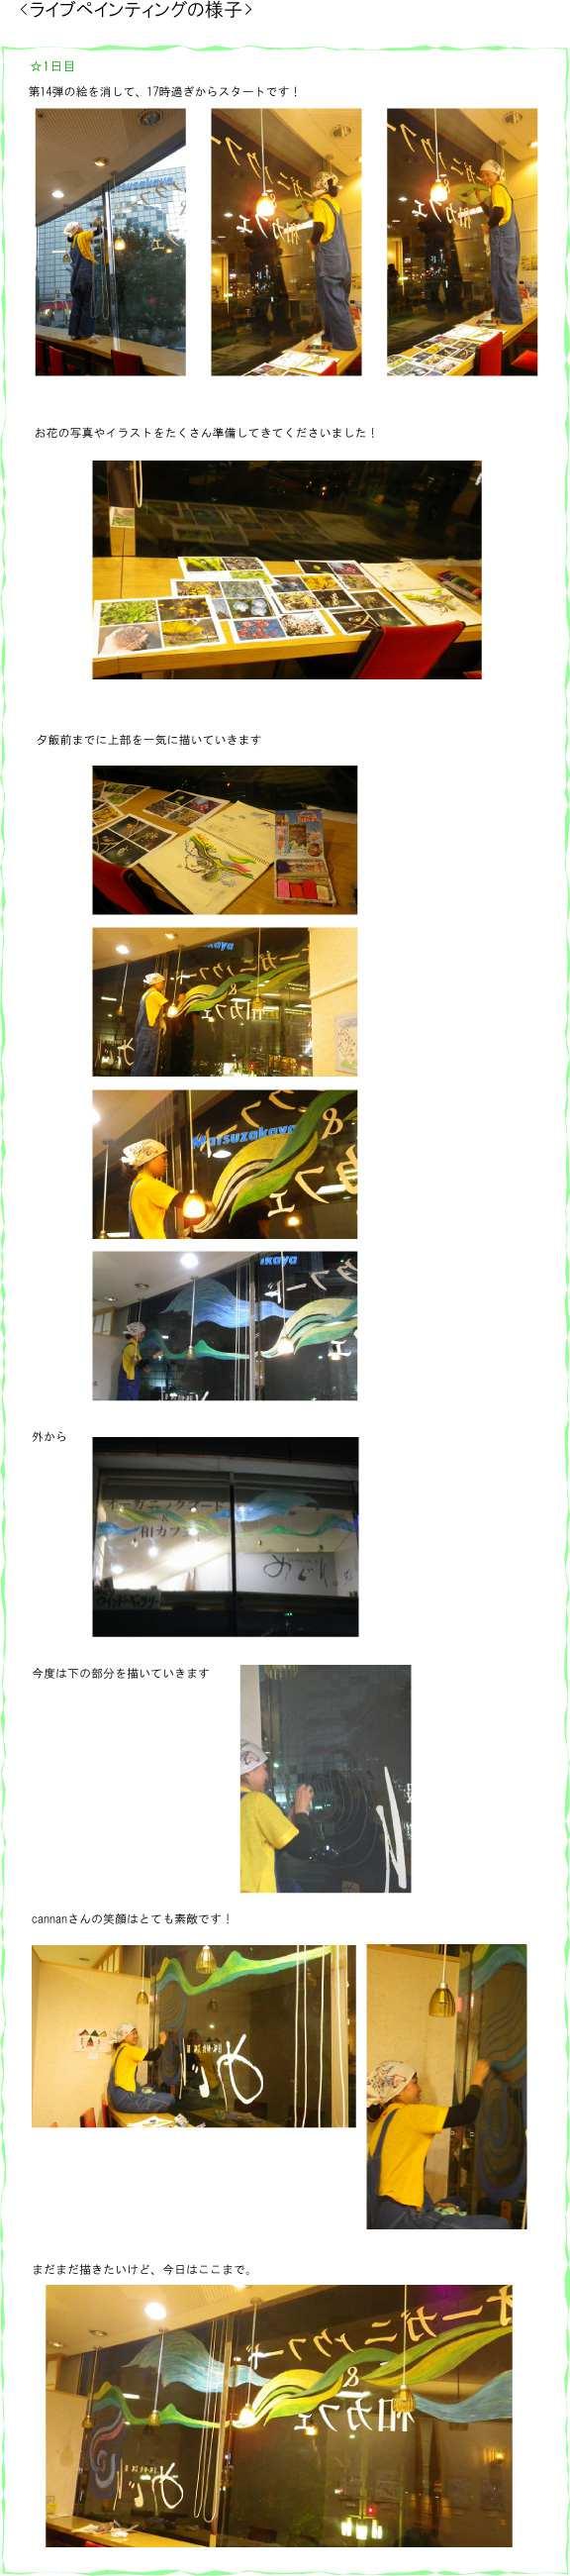 めぐり・ウインドー・ギャラリー第15弾はcannan(カナ)さんの『めぐりめぐって、』(2012年1月29日〜2月末)